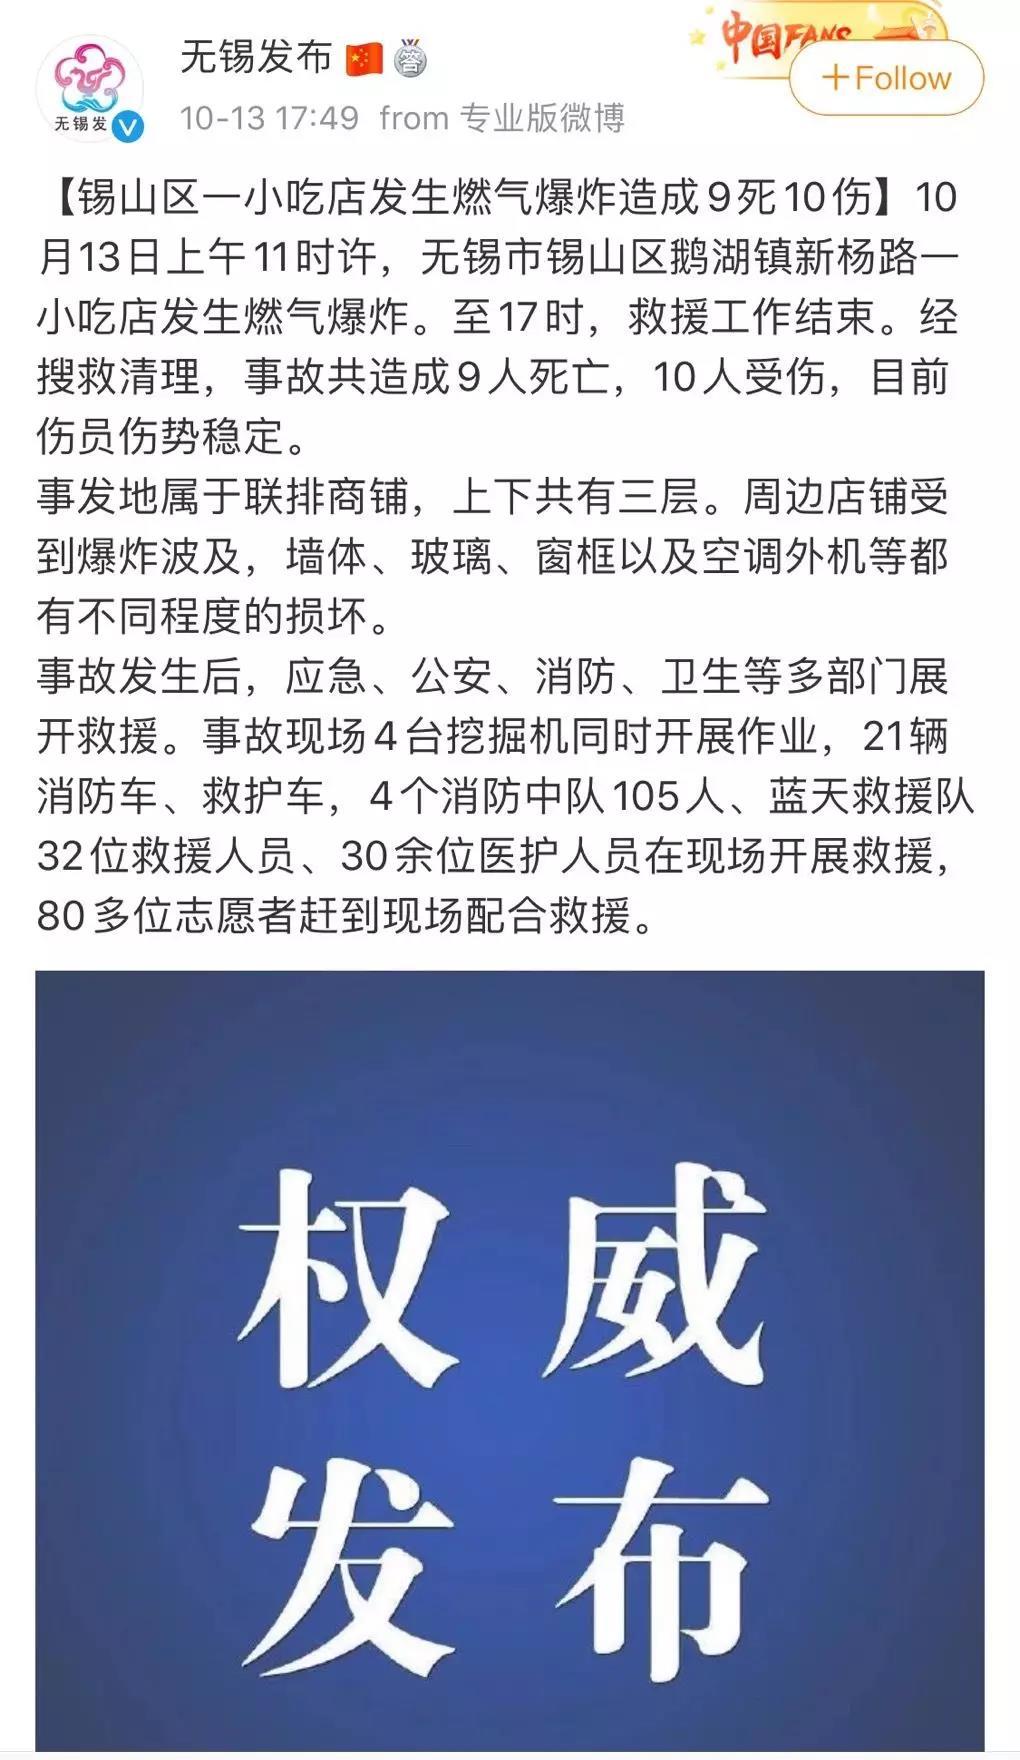 http://www.weixinrensheng.com/meishi/877234.html